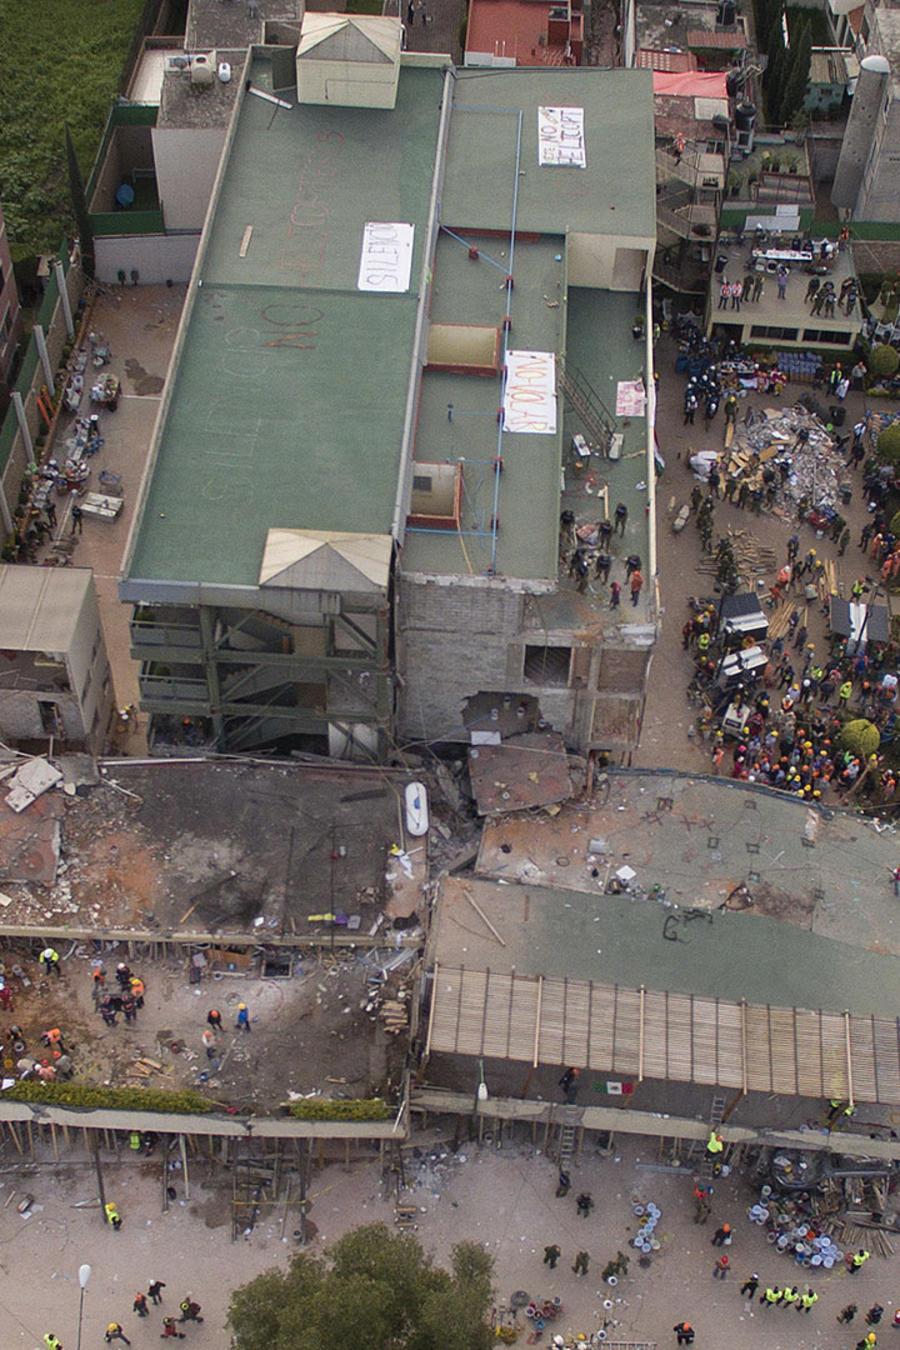 Vista desde el aire del colegio Enrique Rebsamen tras el terremoto de 7,1 grados sufrido en la capital el pasado 19 de septiembre.